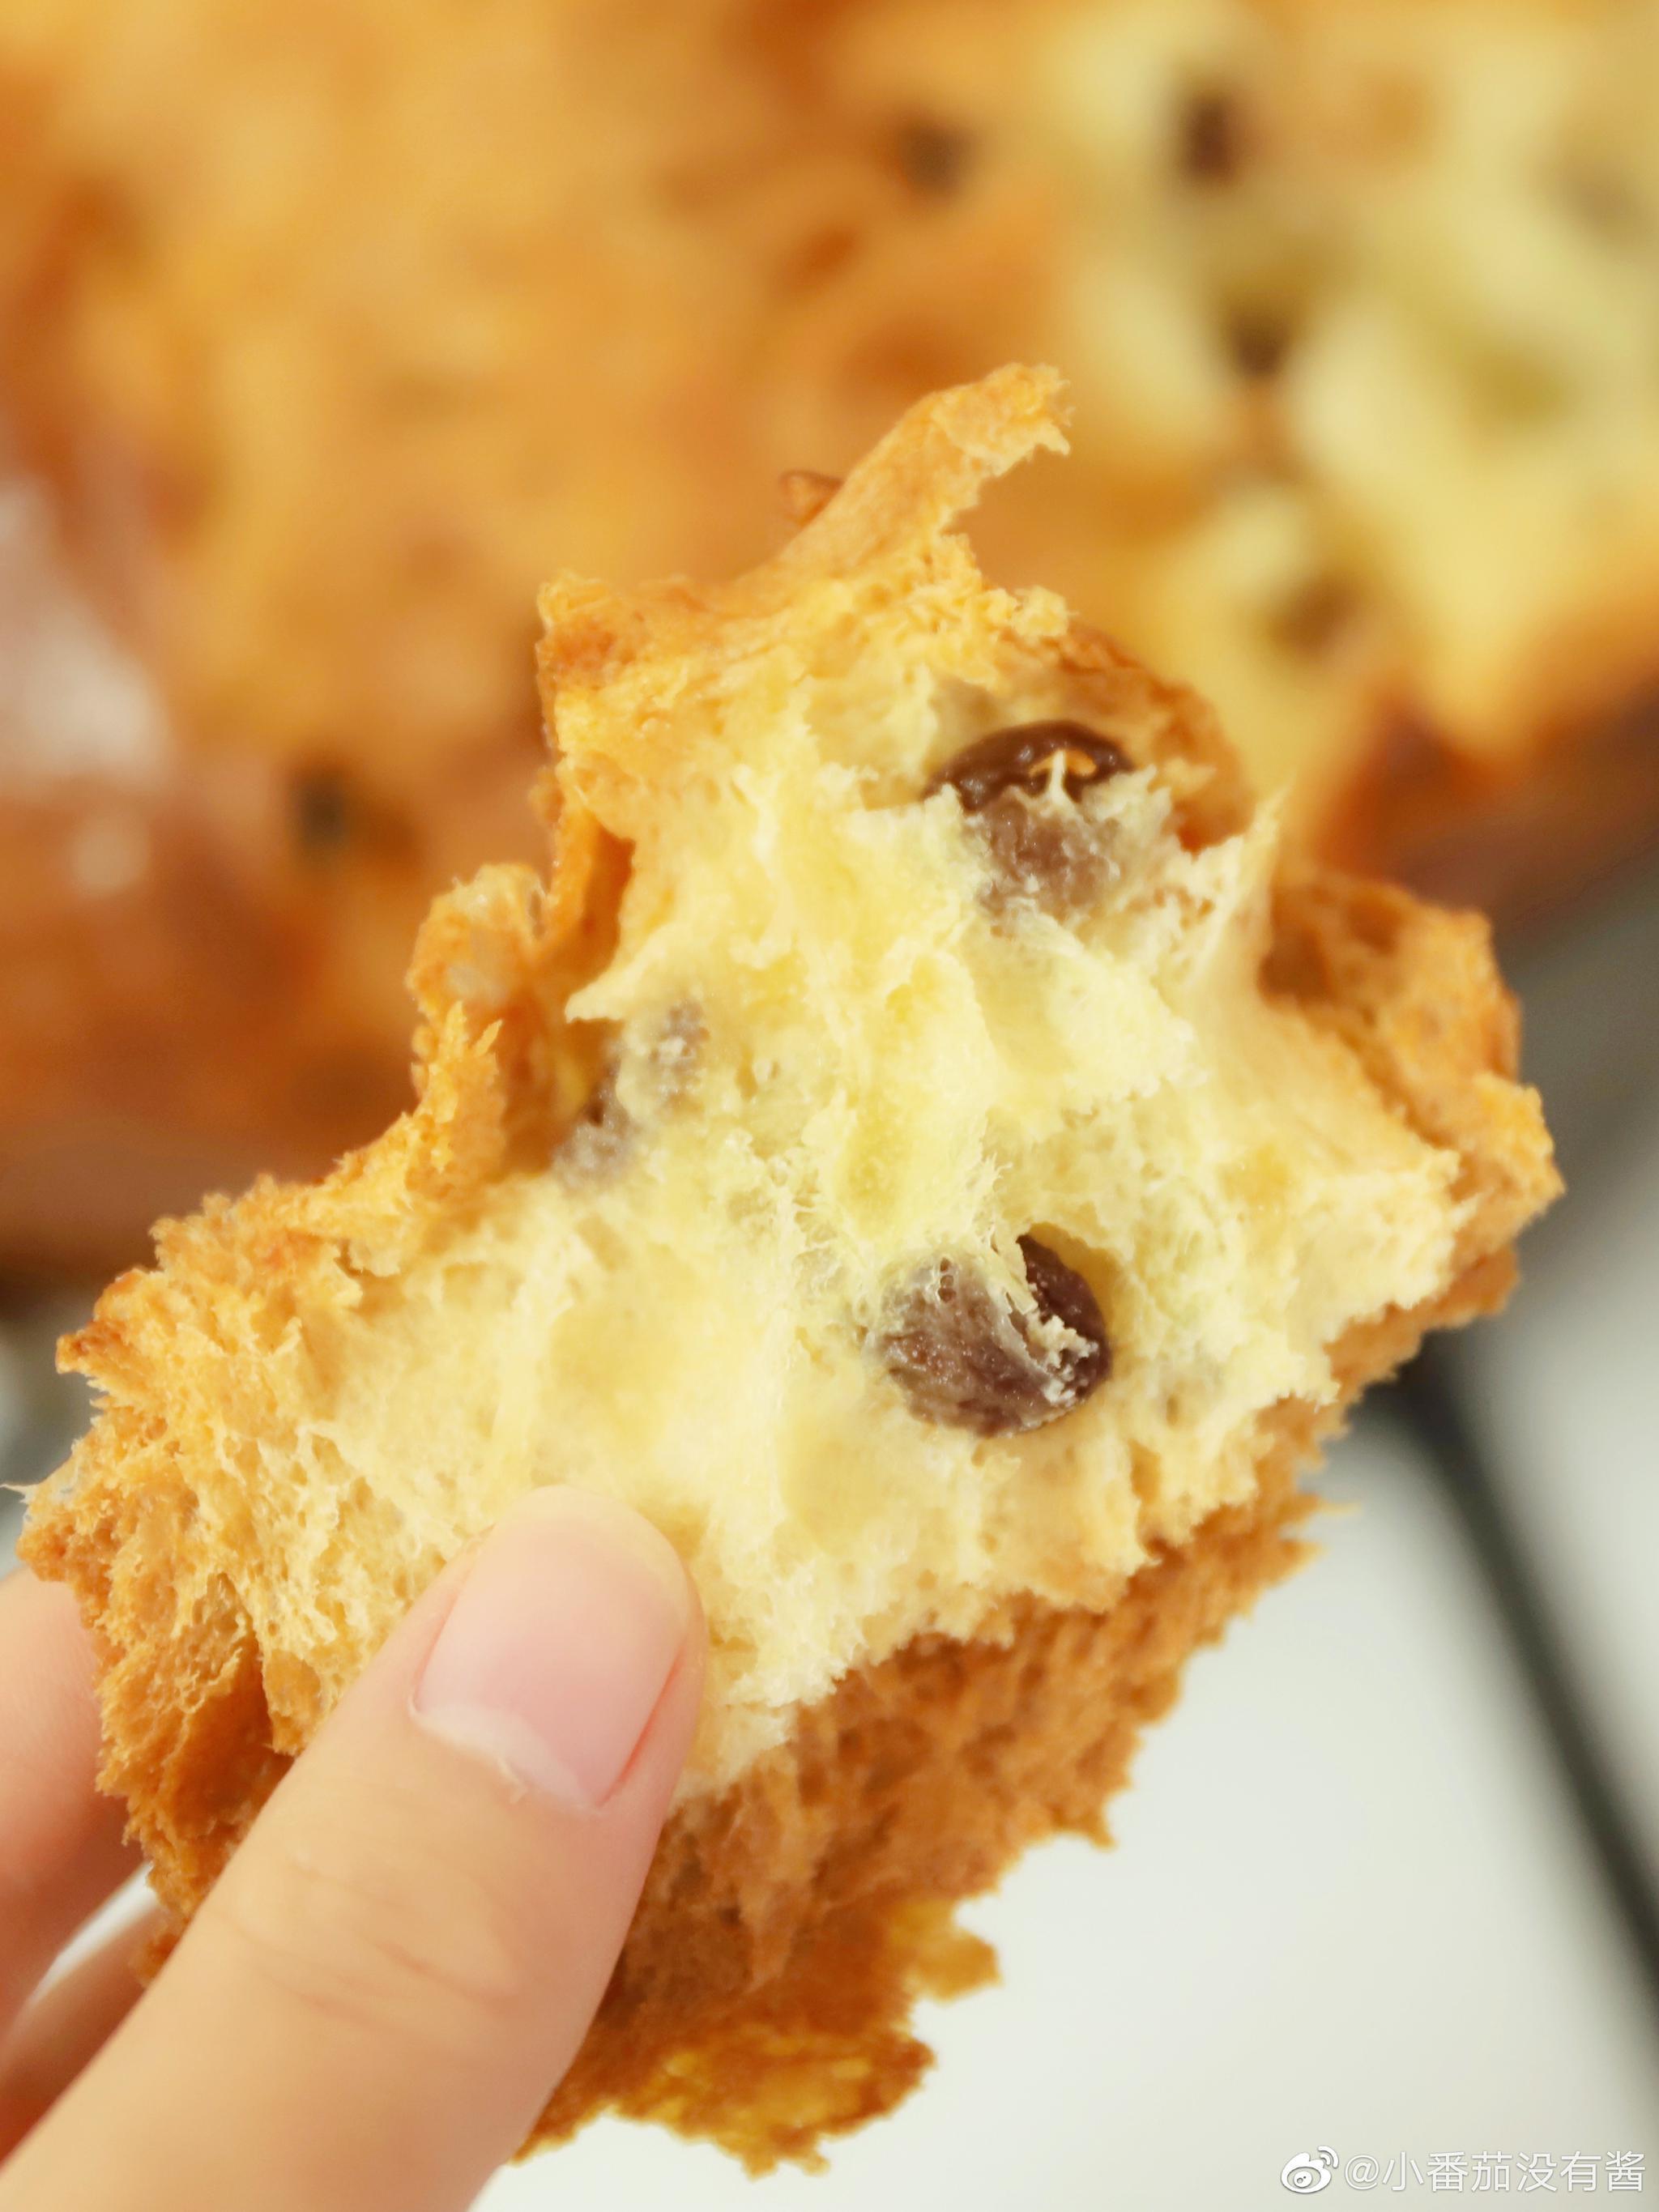 卡路里充值成功✅12月的第一天吃到了星巴克的潘妮朵以前总是爱吃他